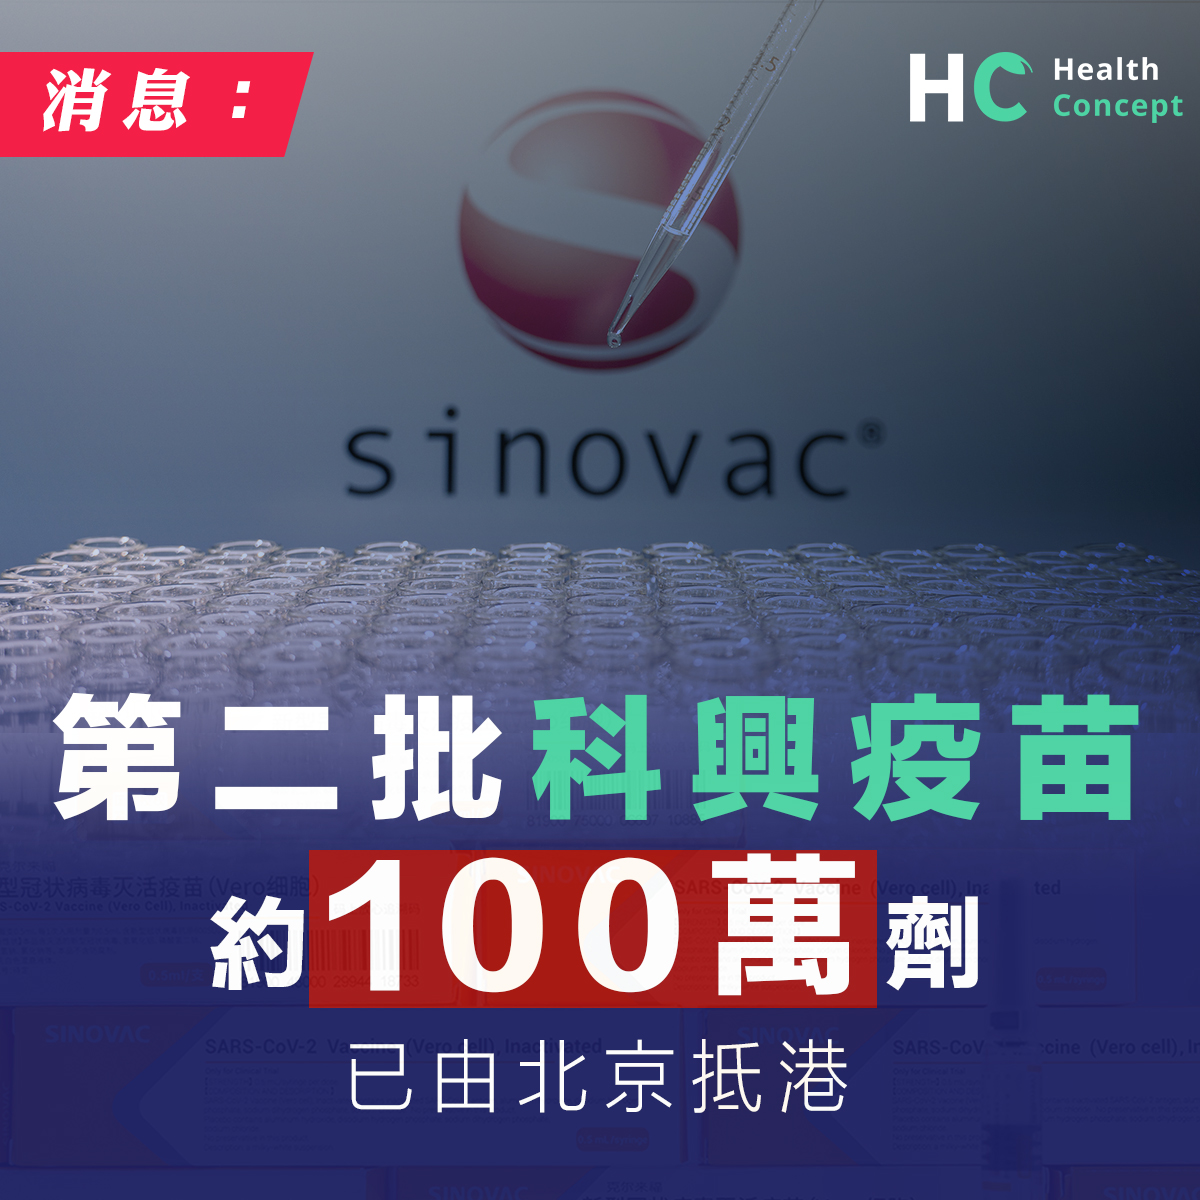 第二批科興疫苗 約100萬劑今由北京抵港